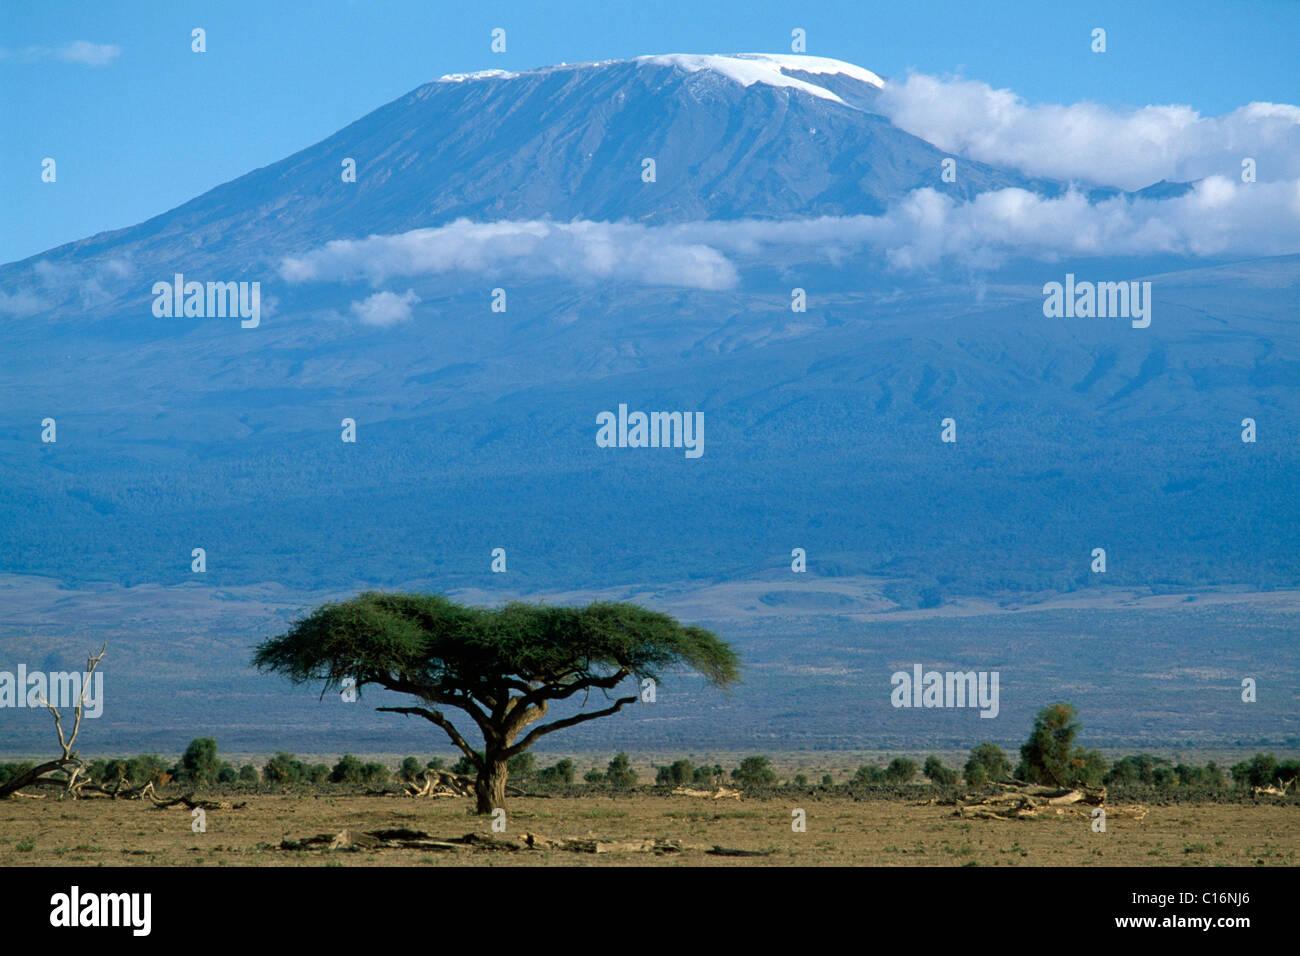 El monte Kilimanjaro, el Parque Nacional de Amboseli, Kenia, África Imagen De Stock